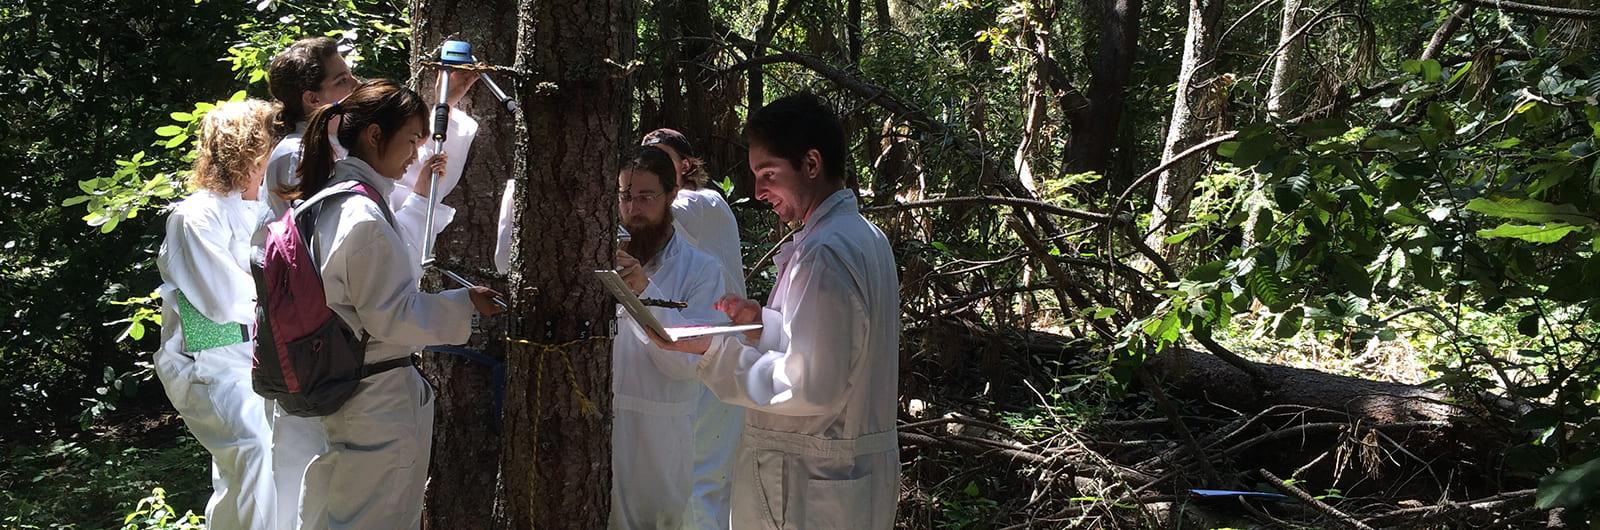 Forest Ecology Research Plot (FERP) Internships